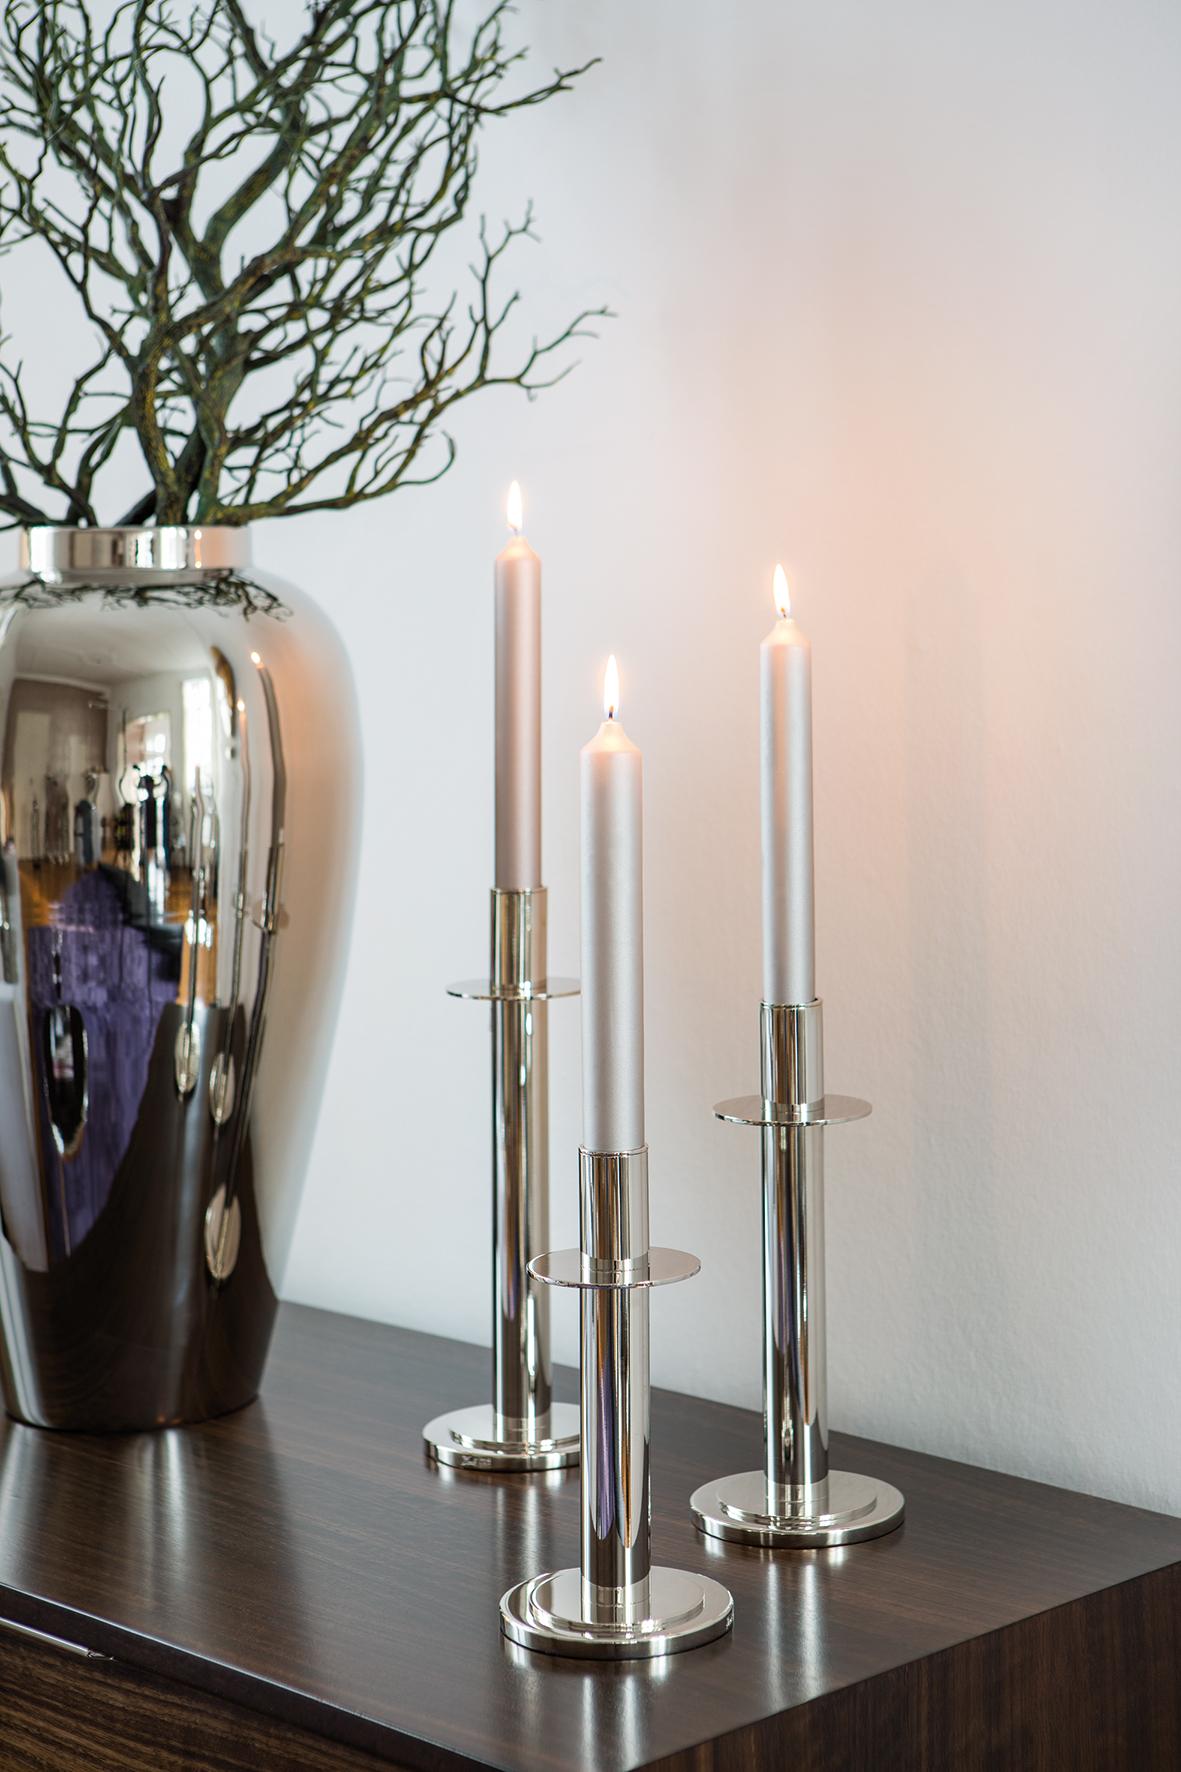 000000012450 Kerzenhalter silber Kerzenleuchter Kerzenständer RETO Leuchter von Fink